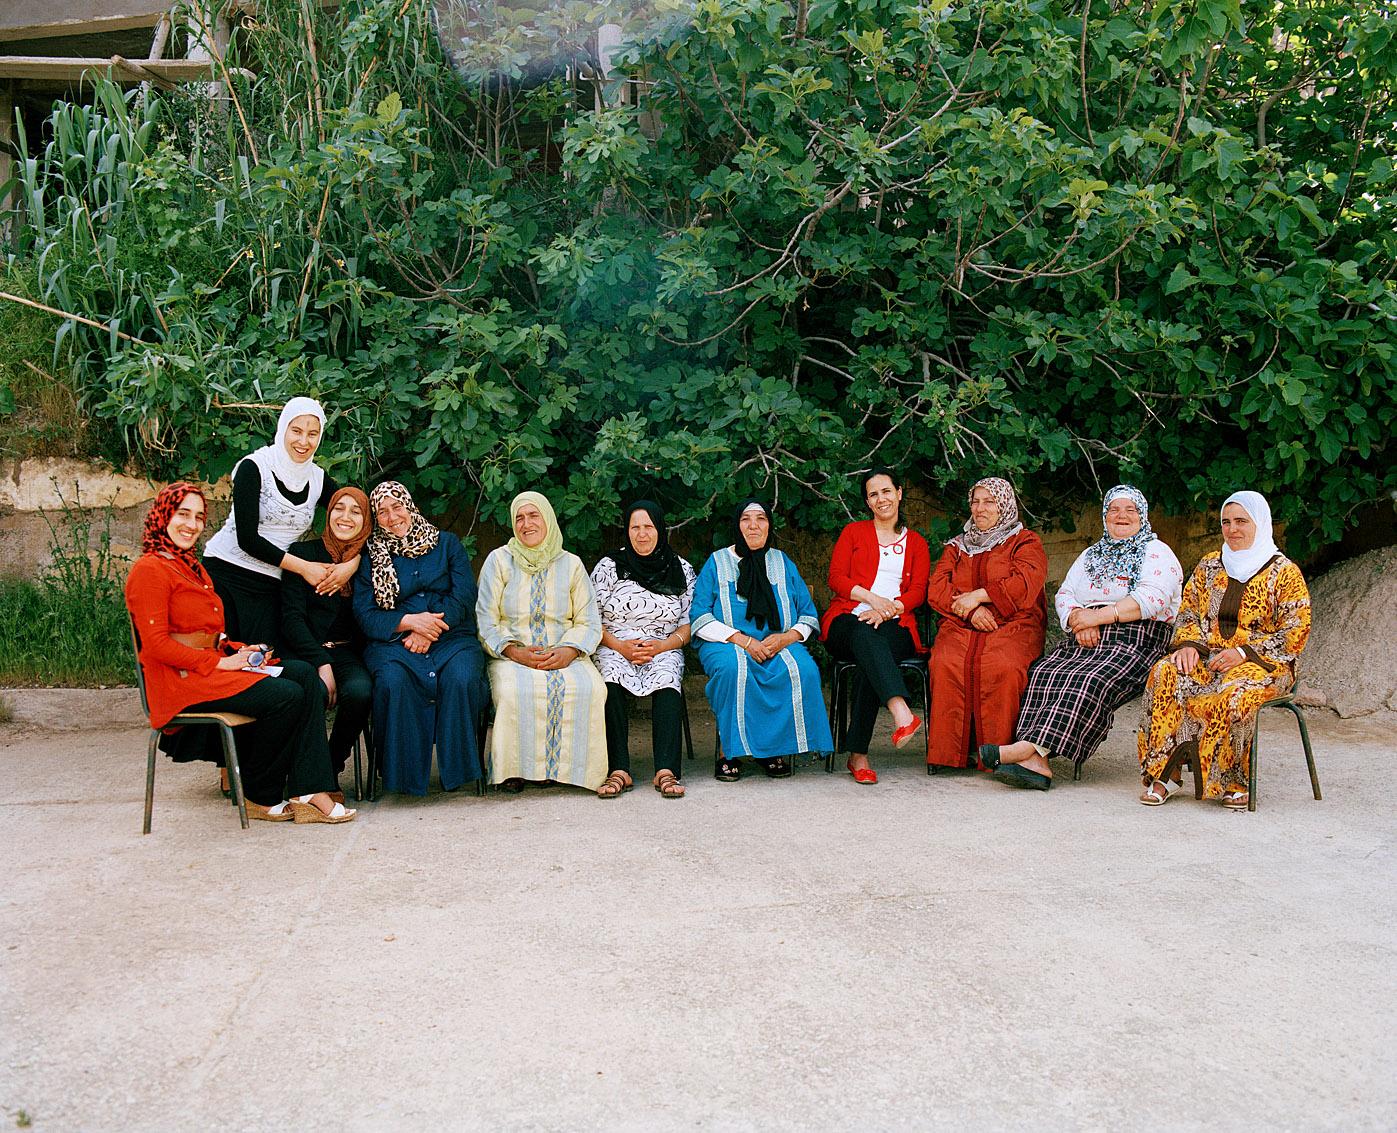 Les femmes de la cooperative Achifae (guérison en Berbère) du village de Ben Smim, Maroc.